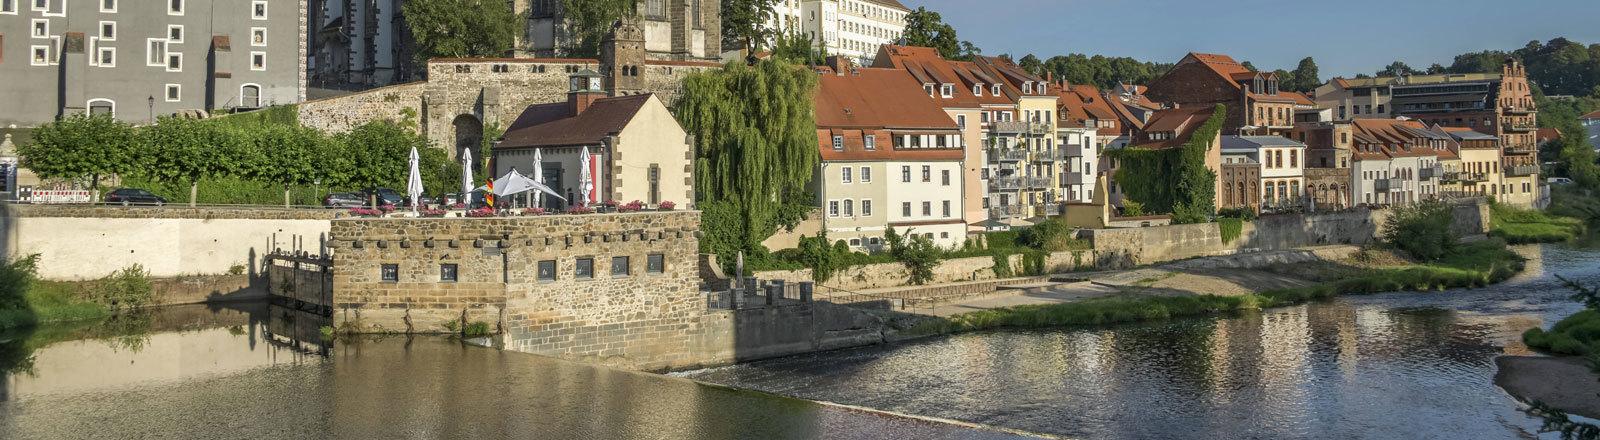 Stadt Görlitz.